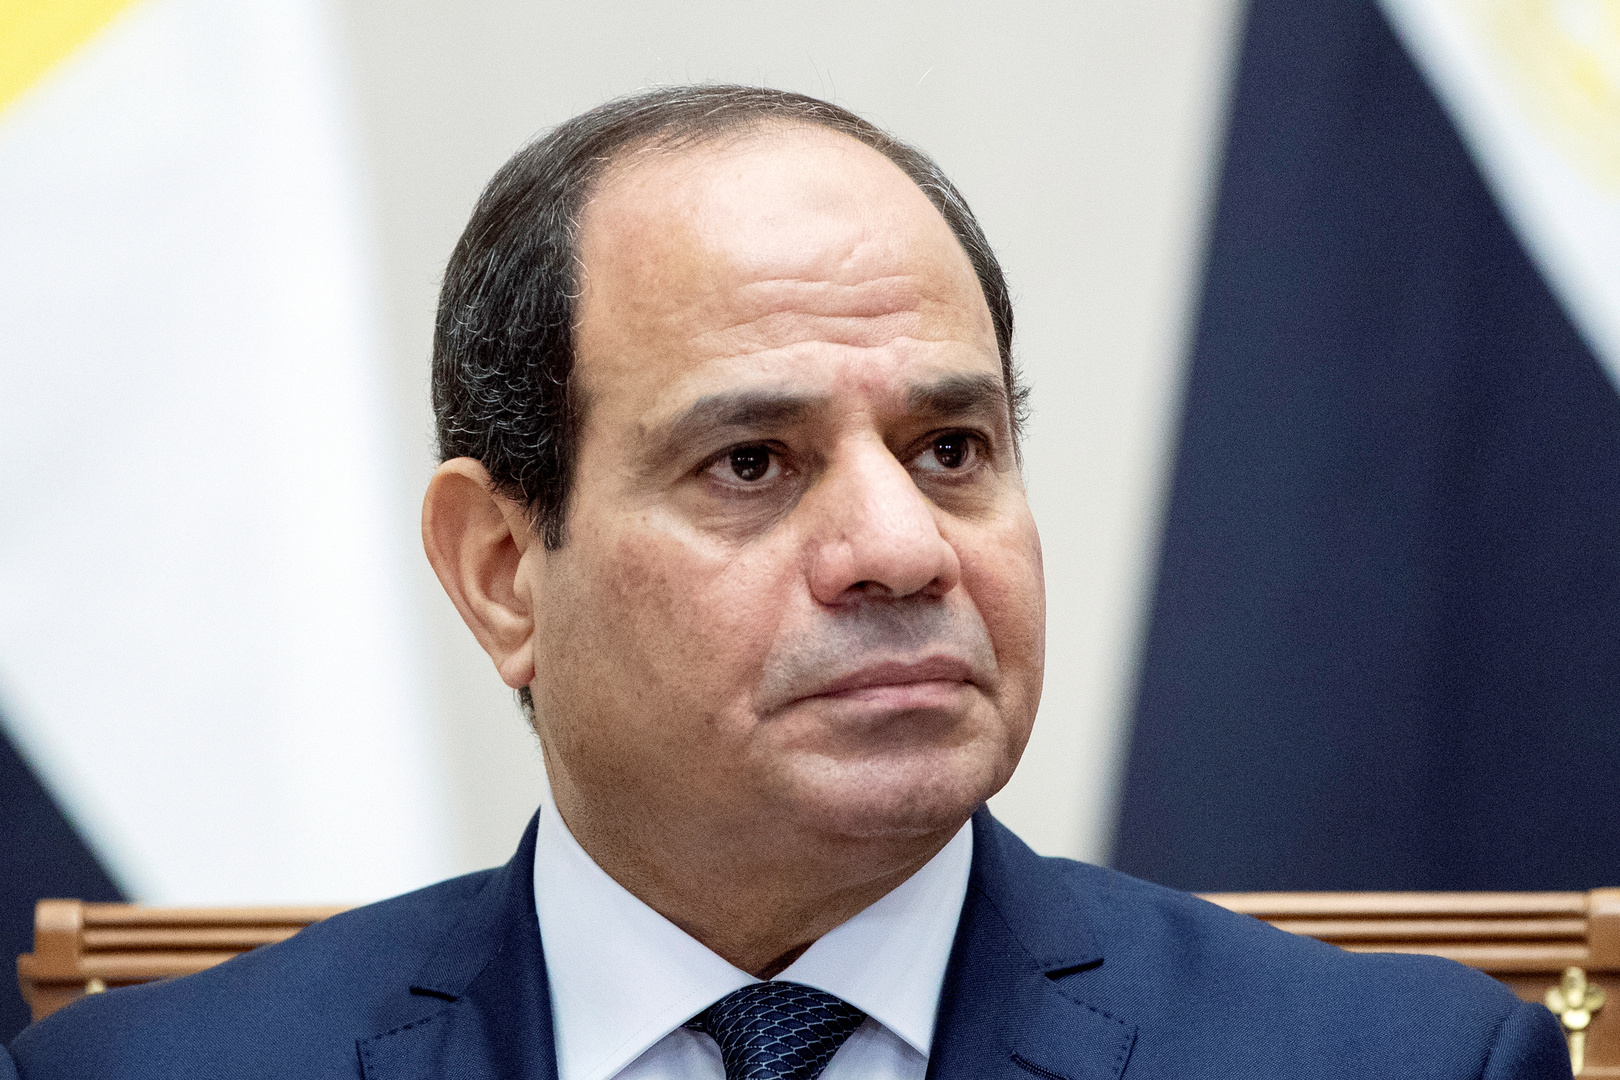 السيسي يعين 28 نائبا ويدعو البرلمان للانعقاد الثلاثاء المقبل